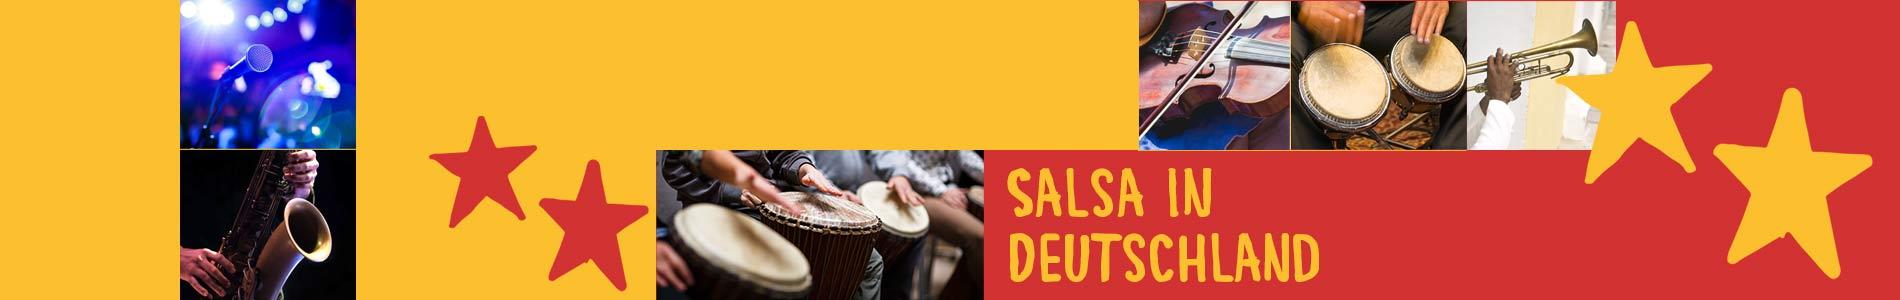 Salsa in Brauneberg – Salsa lernen und tanzen, Tanzkurse, Partys, Veranstaltungen